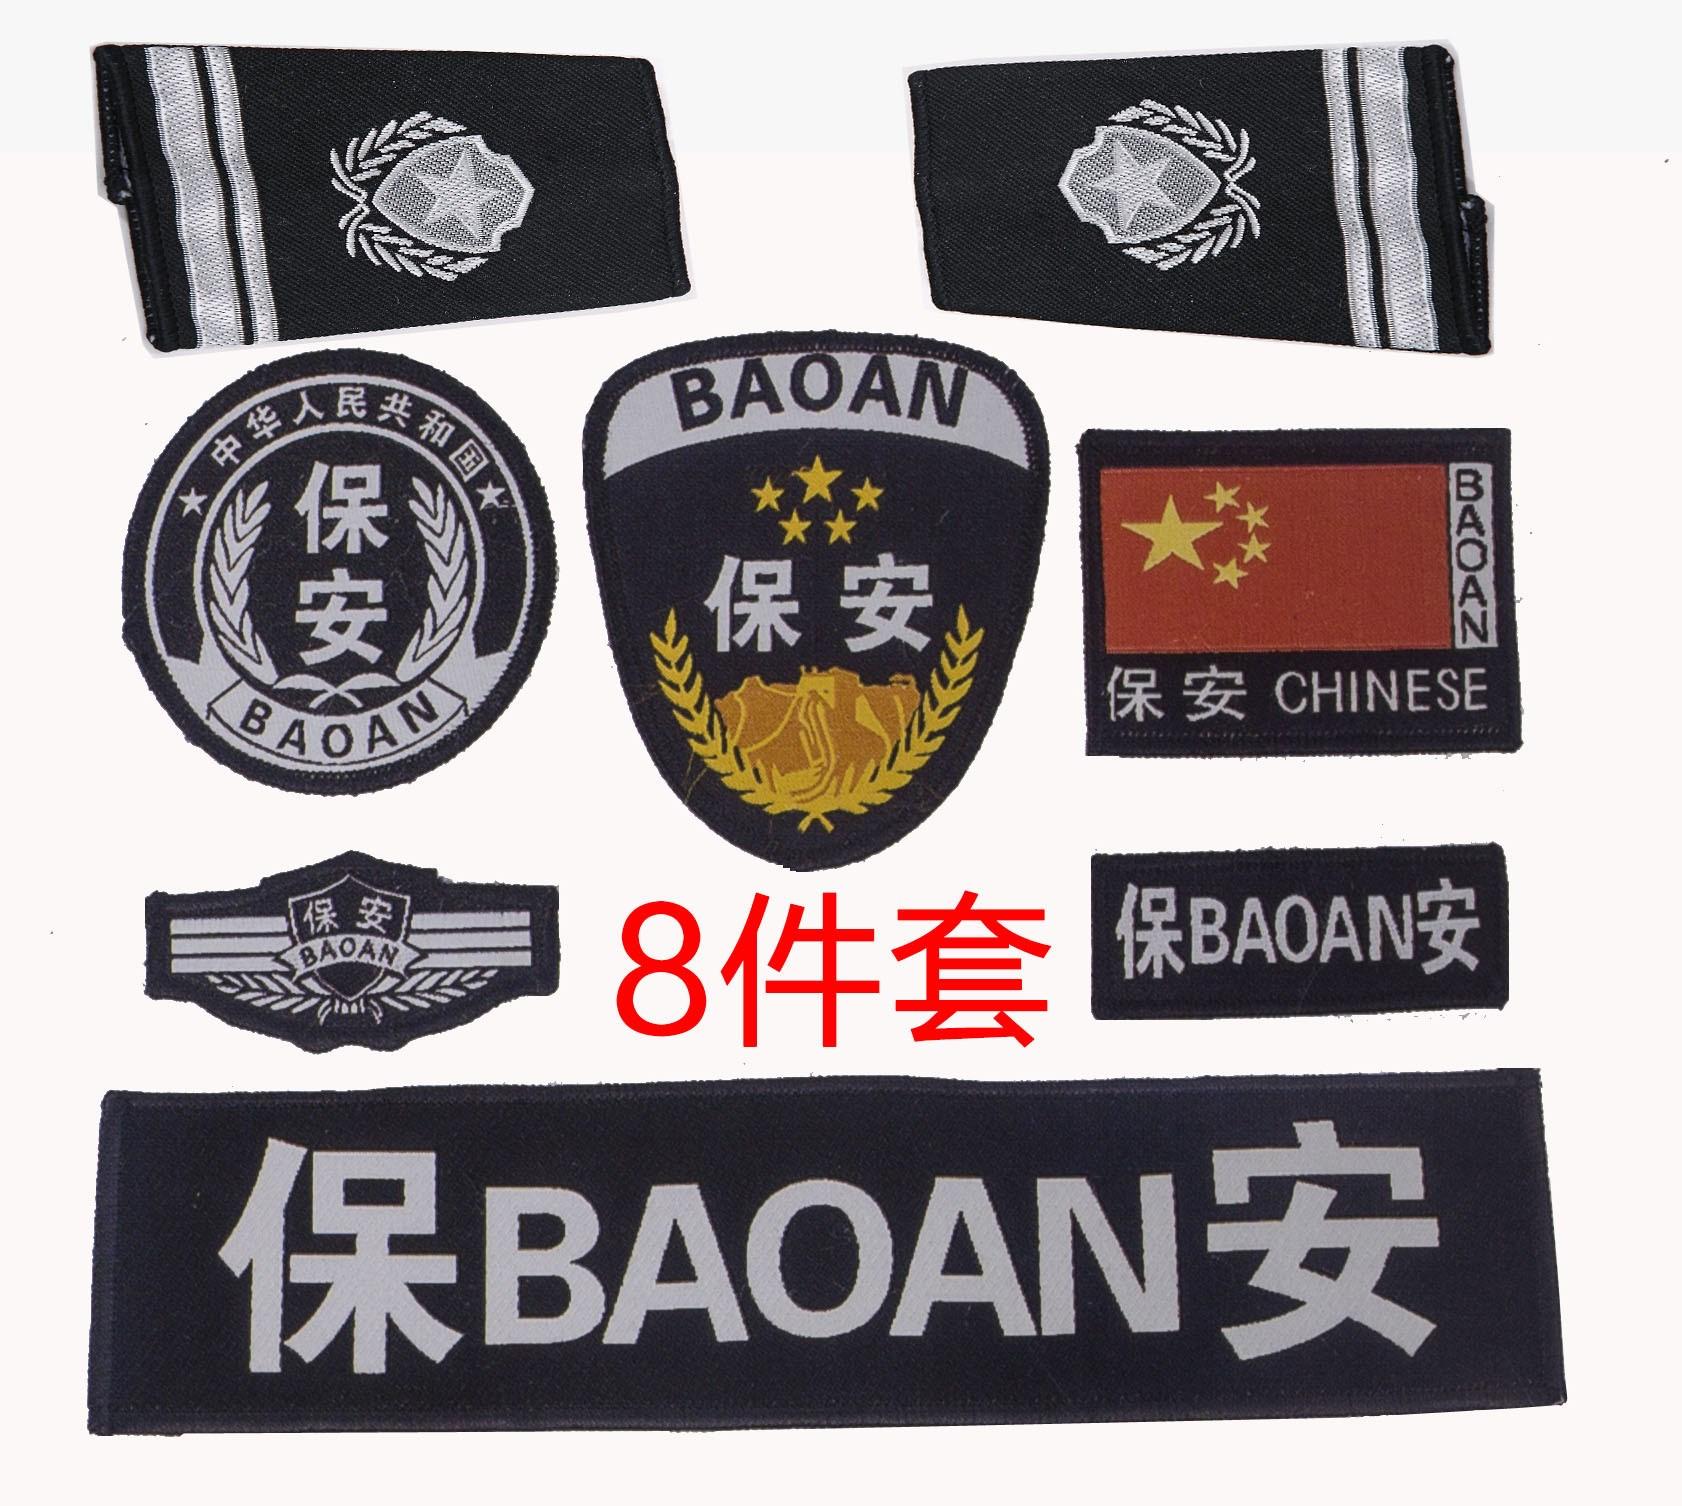 保安7件套保安服饰徽章各类标志特勤标志配件全套配件